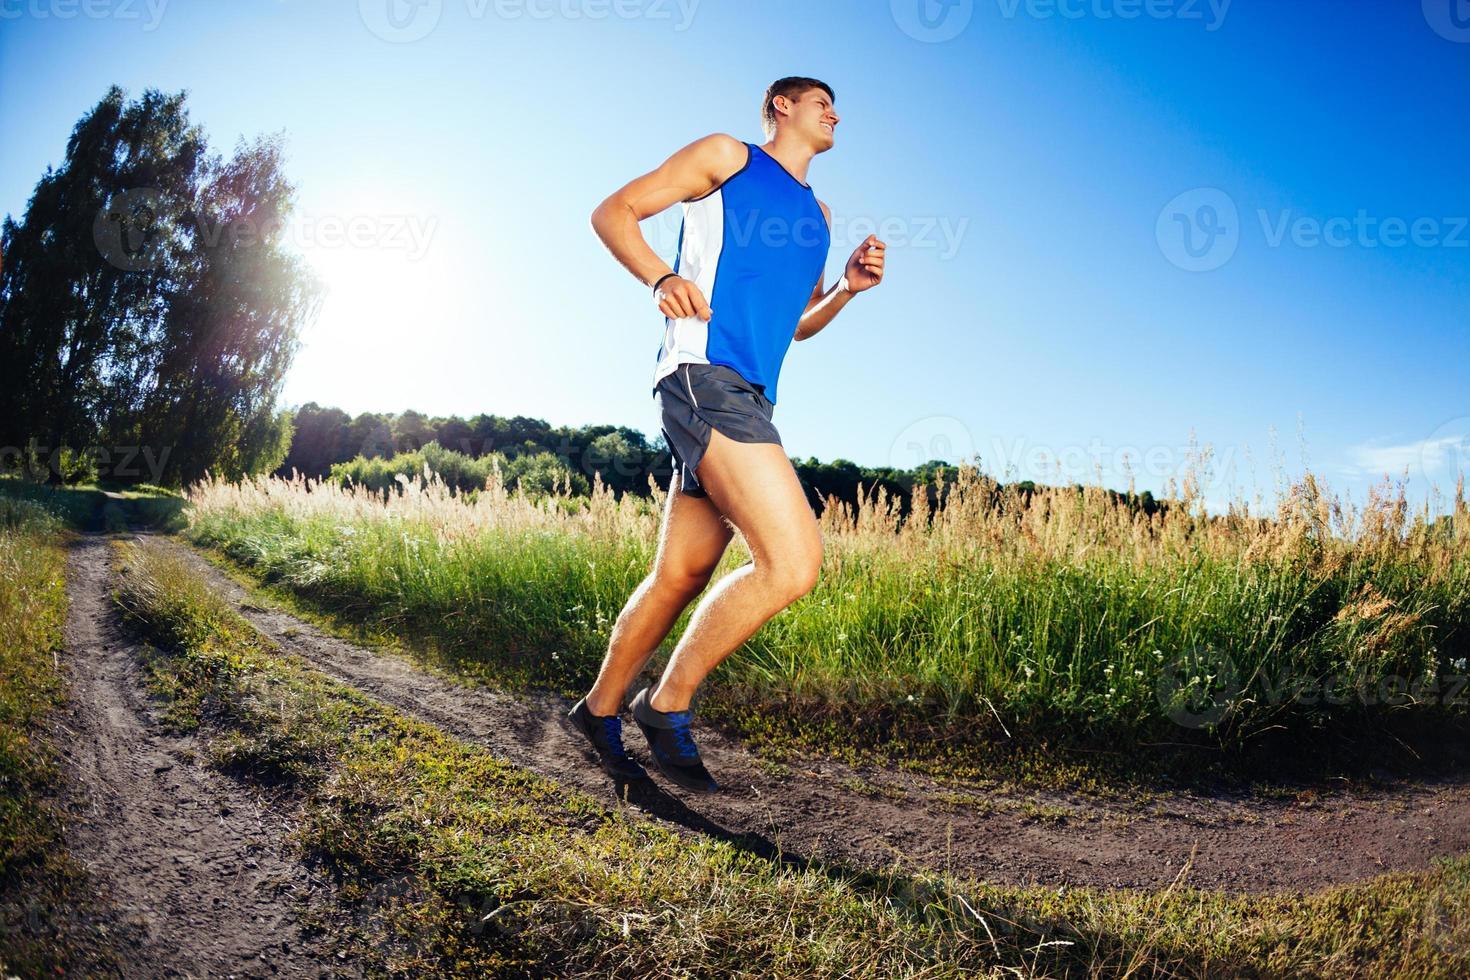 springer på landsbygden foto